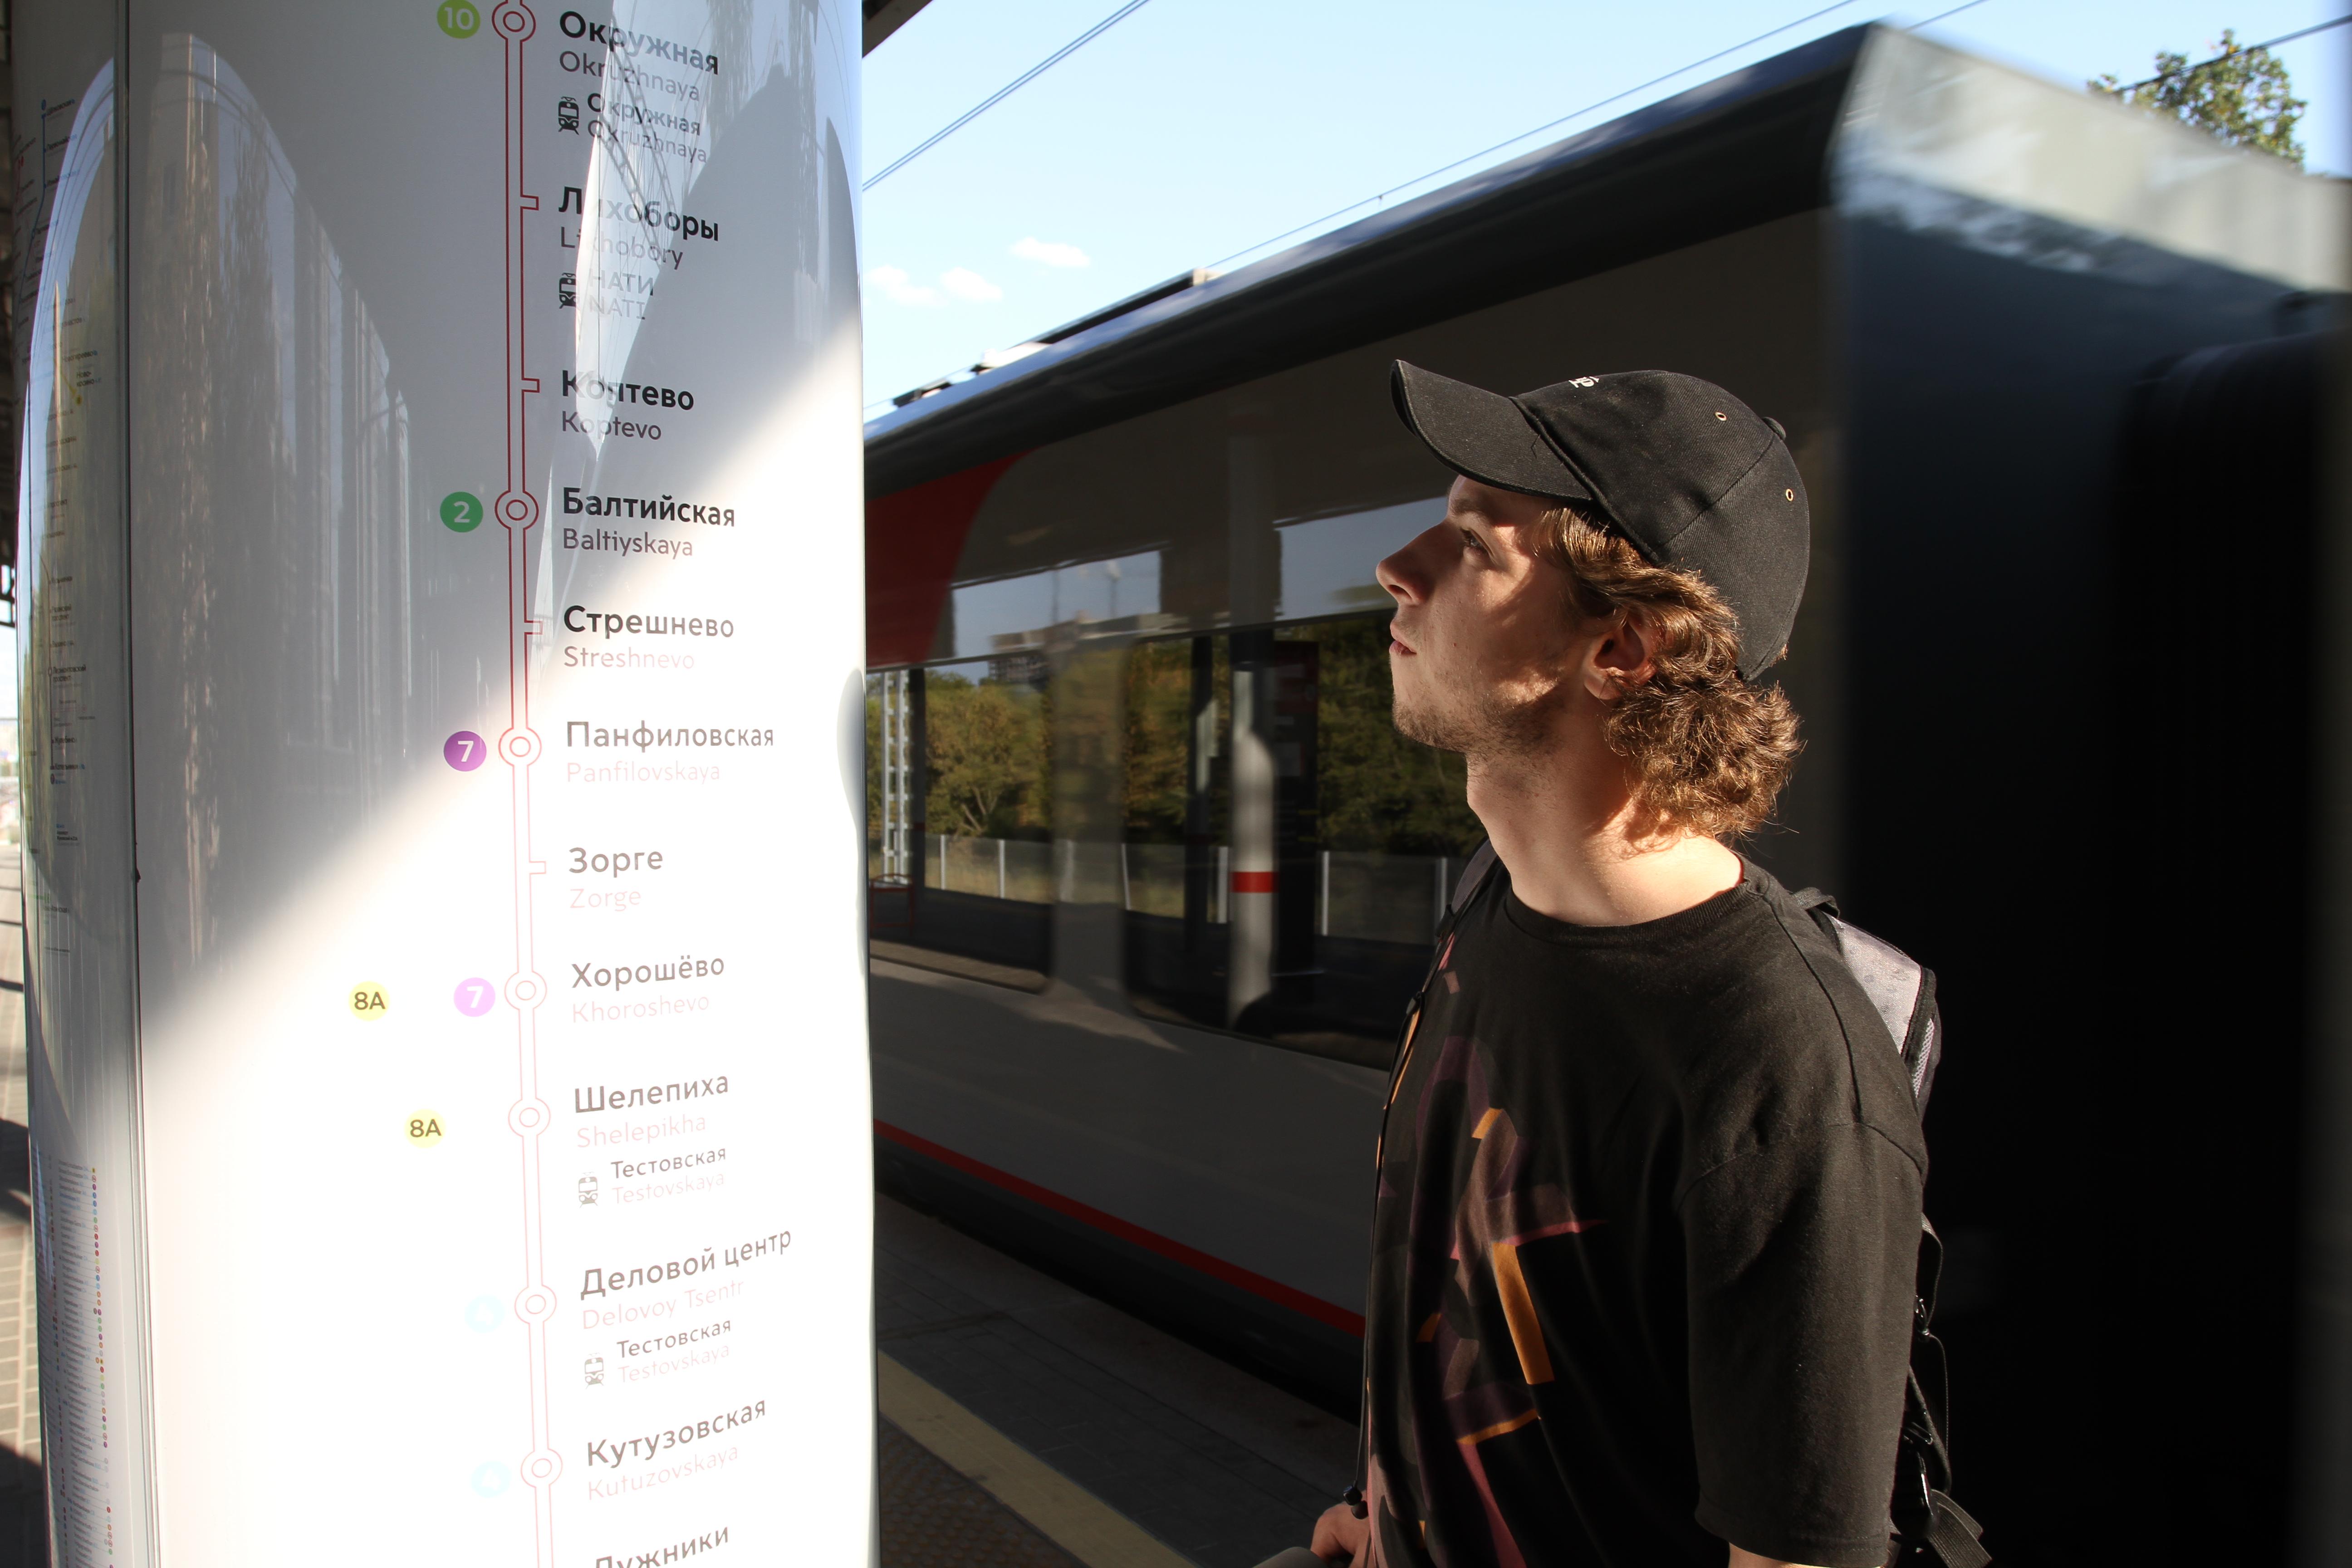 Аудиогид по Московскому центральному кольцу расскажет о столице